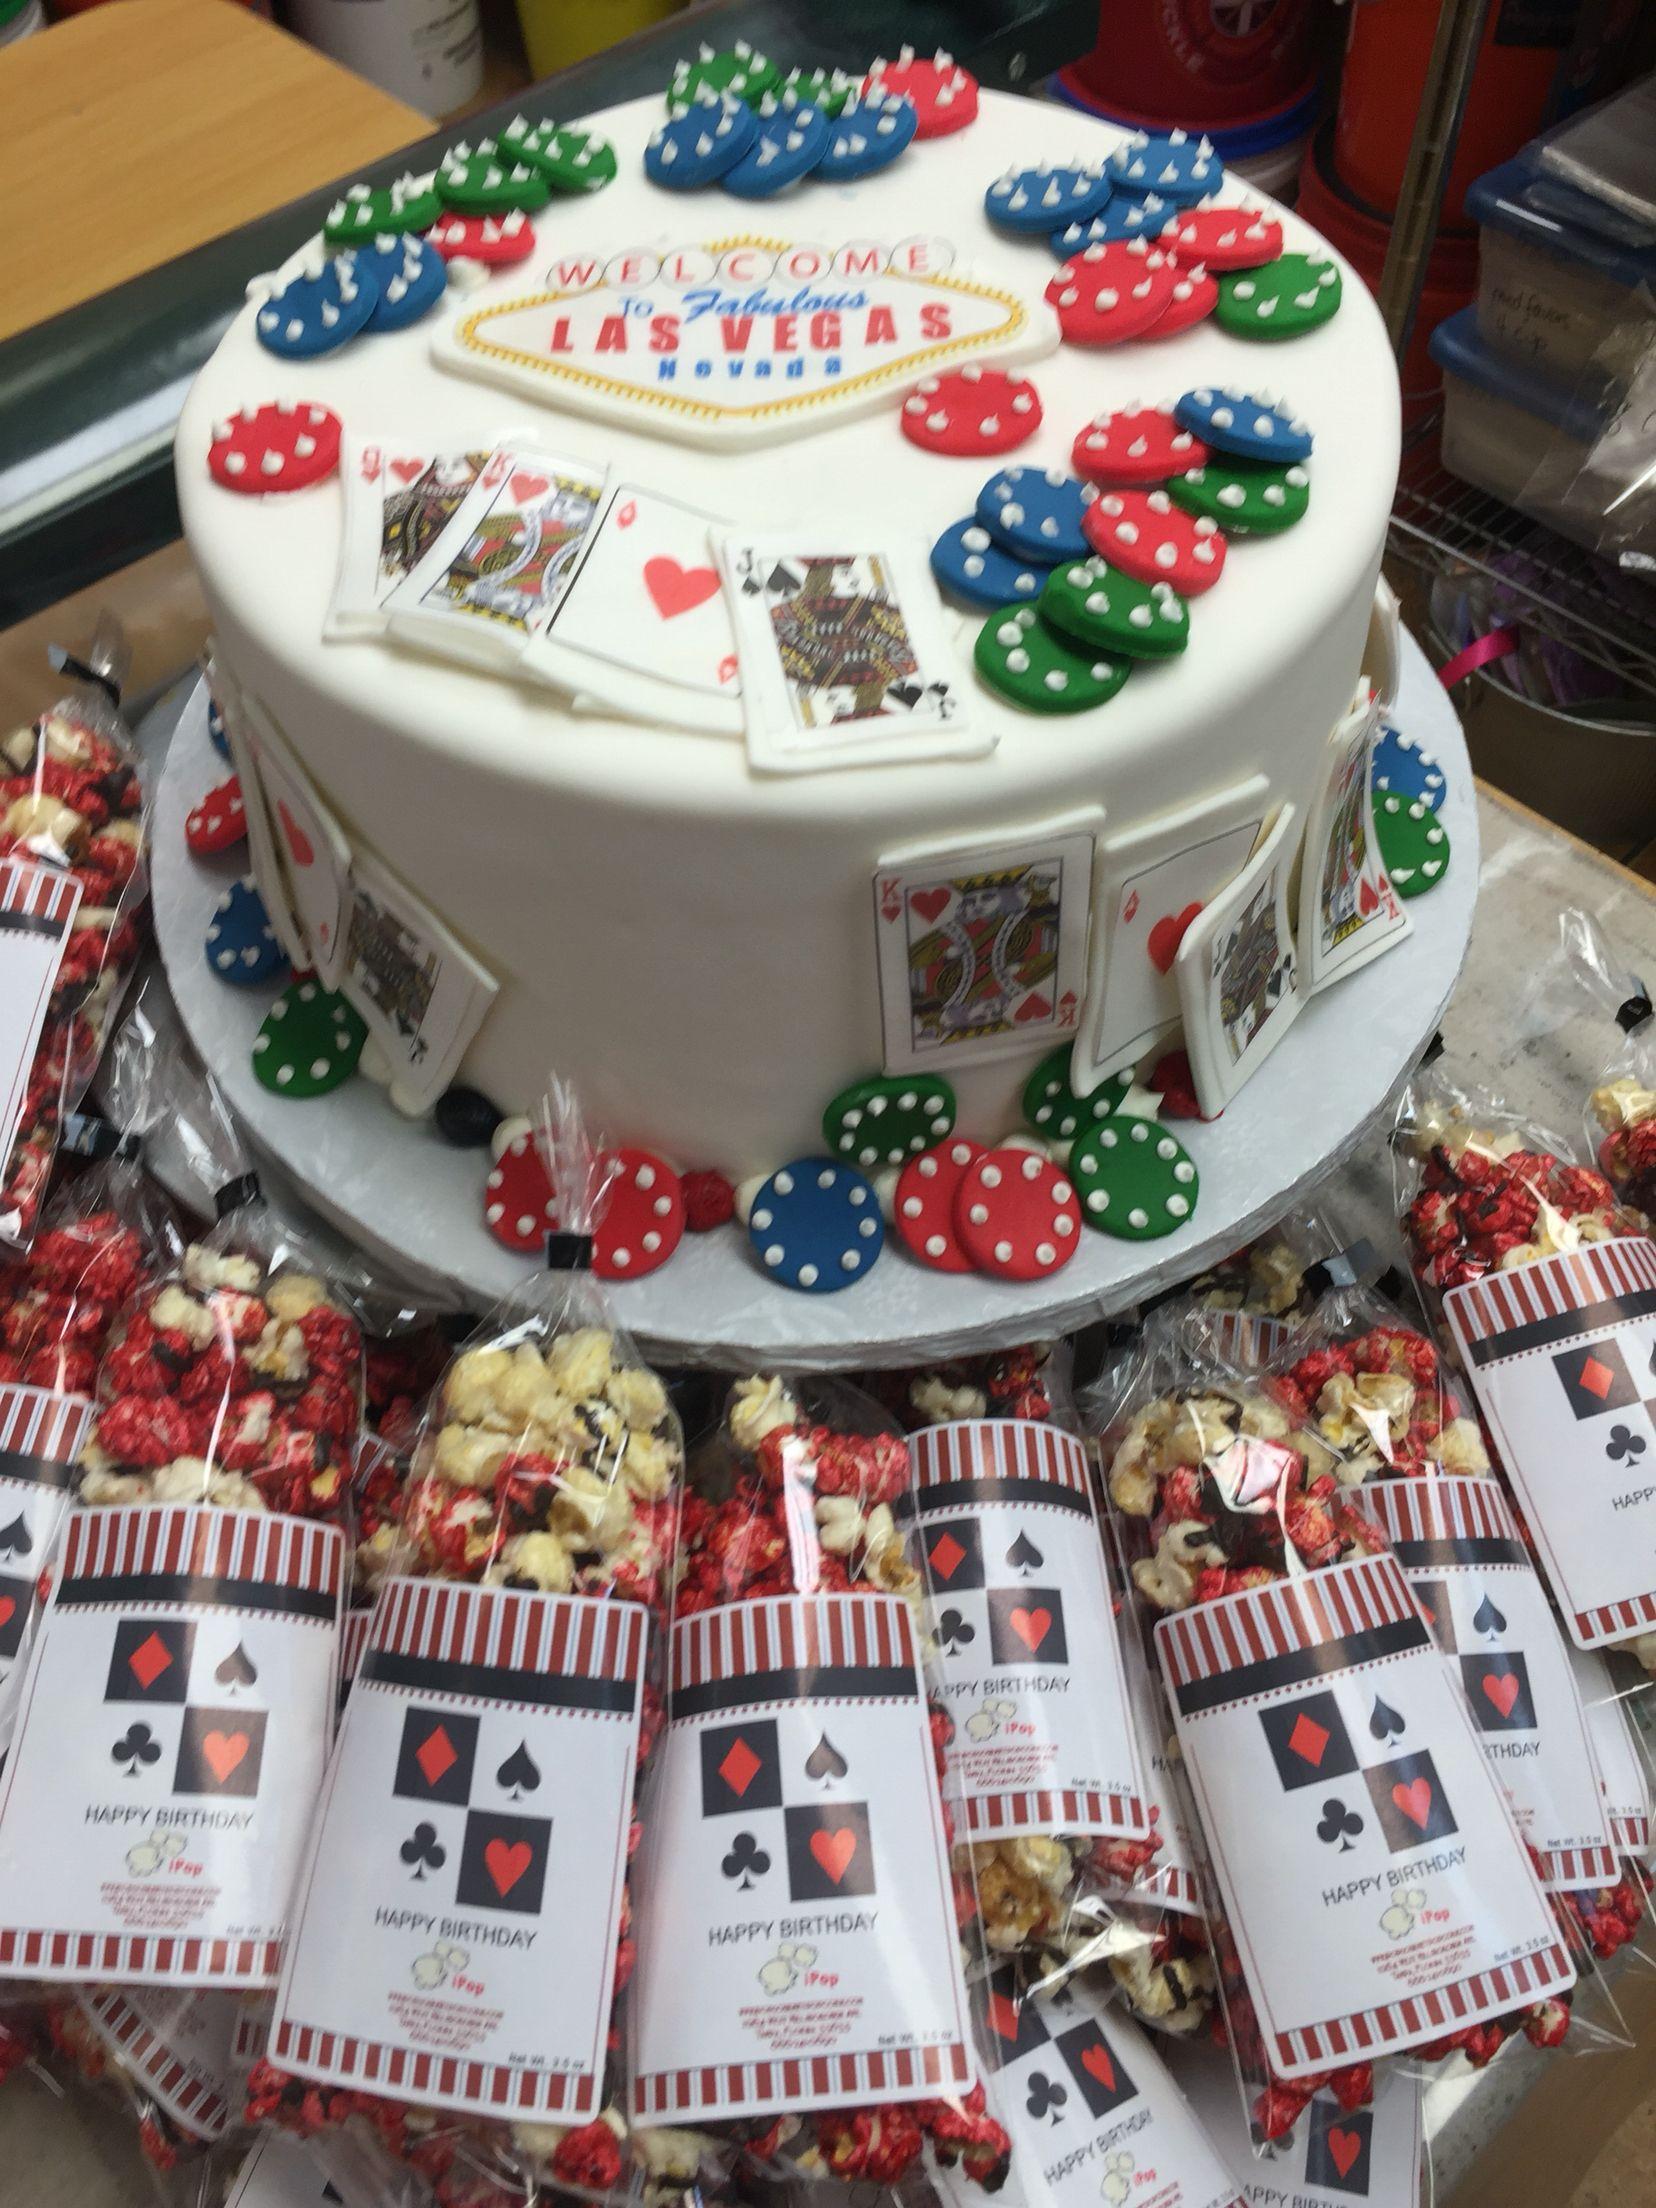 Las Vegas Poker Chip Casino Birthday Cake